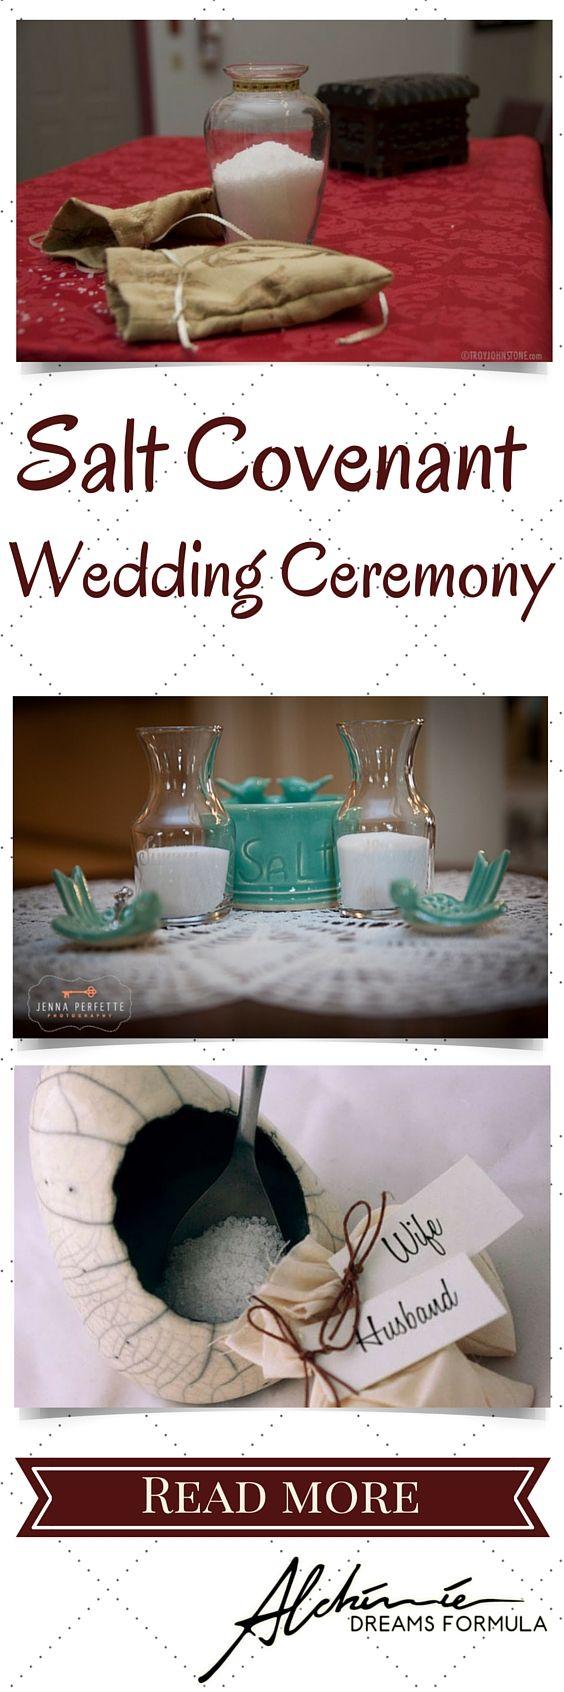 Salt Covenant Wedding Ceremony